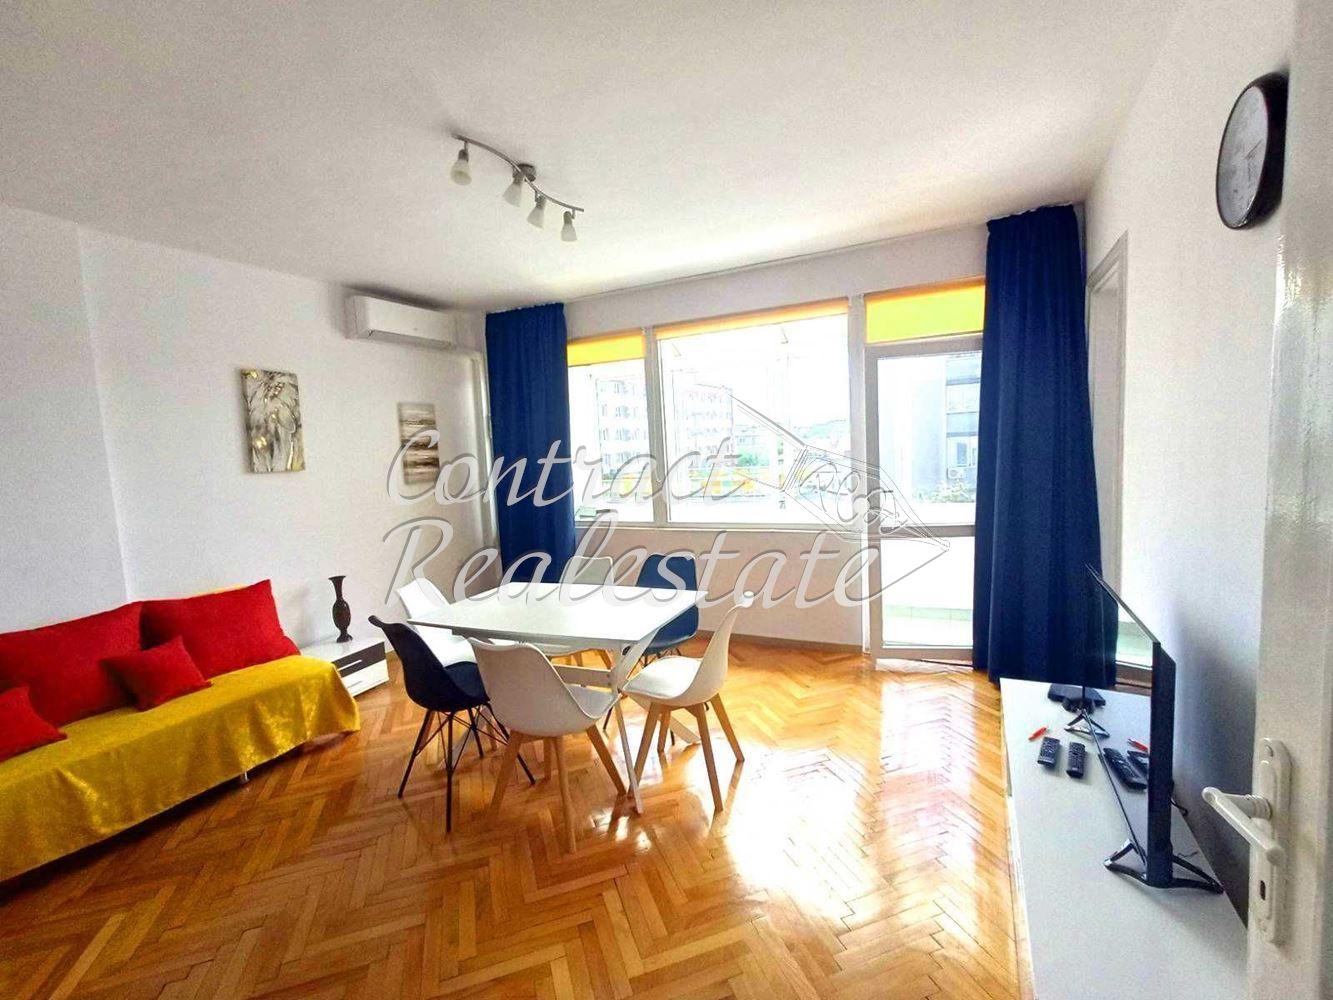 Тристаен апартамент  във  Варна за 650  лв - Отдава под наем 3-стаен